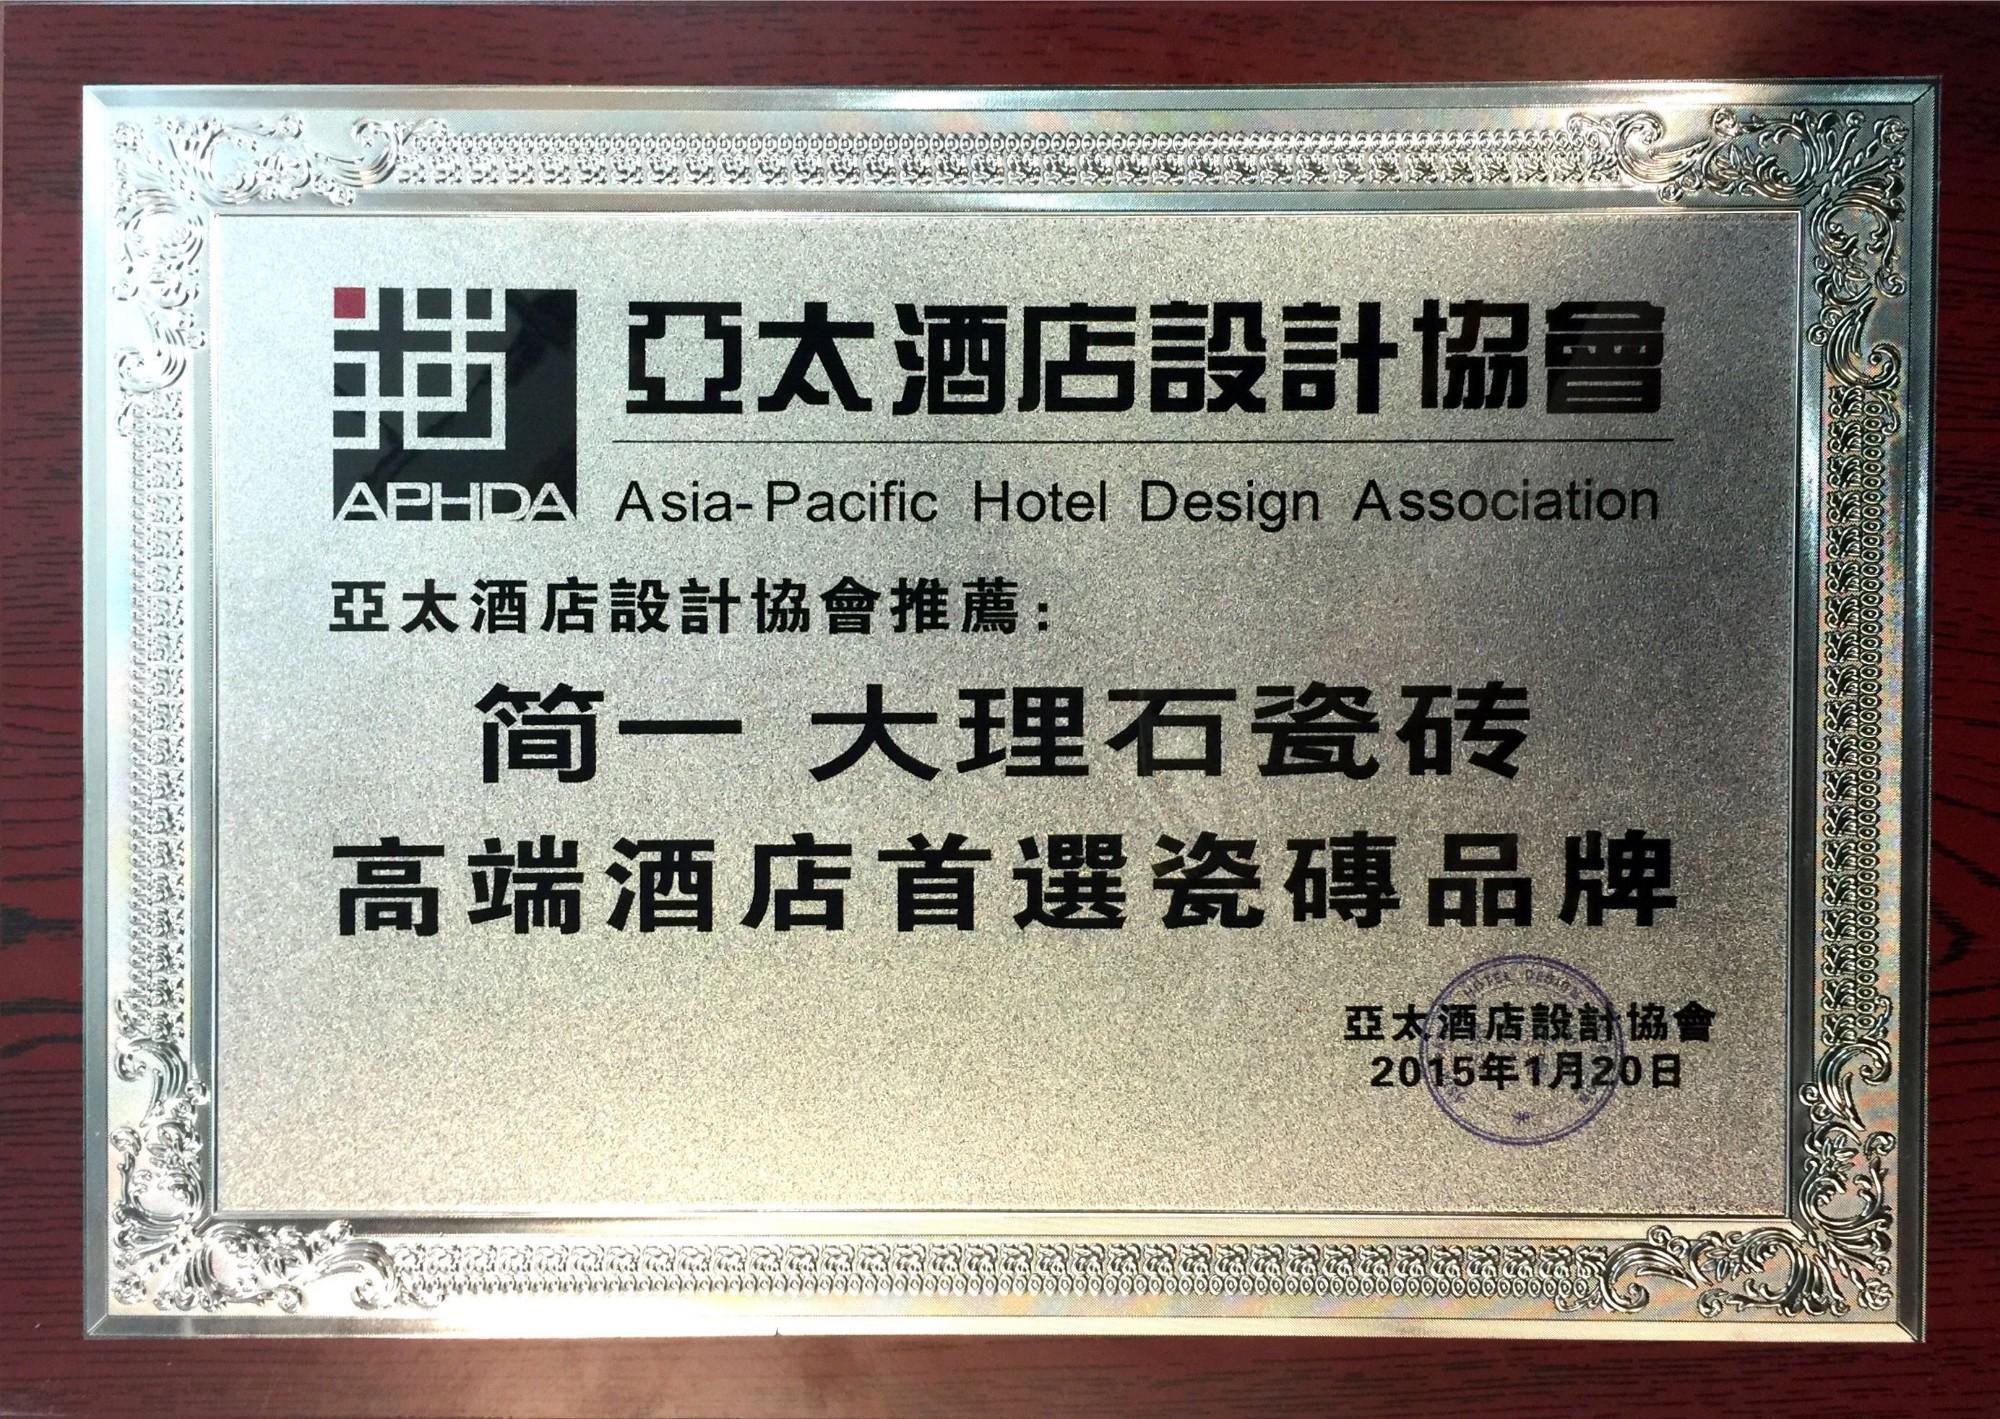 العلامة التجارية المفضلة للفنادق الفاخرة التي تمنحها جمعية آسيا والمحيط الهادئ لتصميم الفنادق